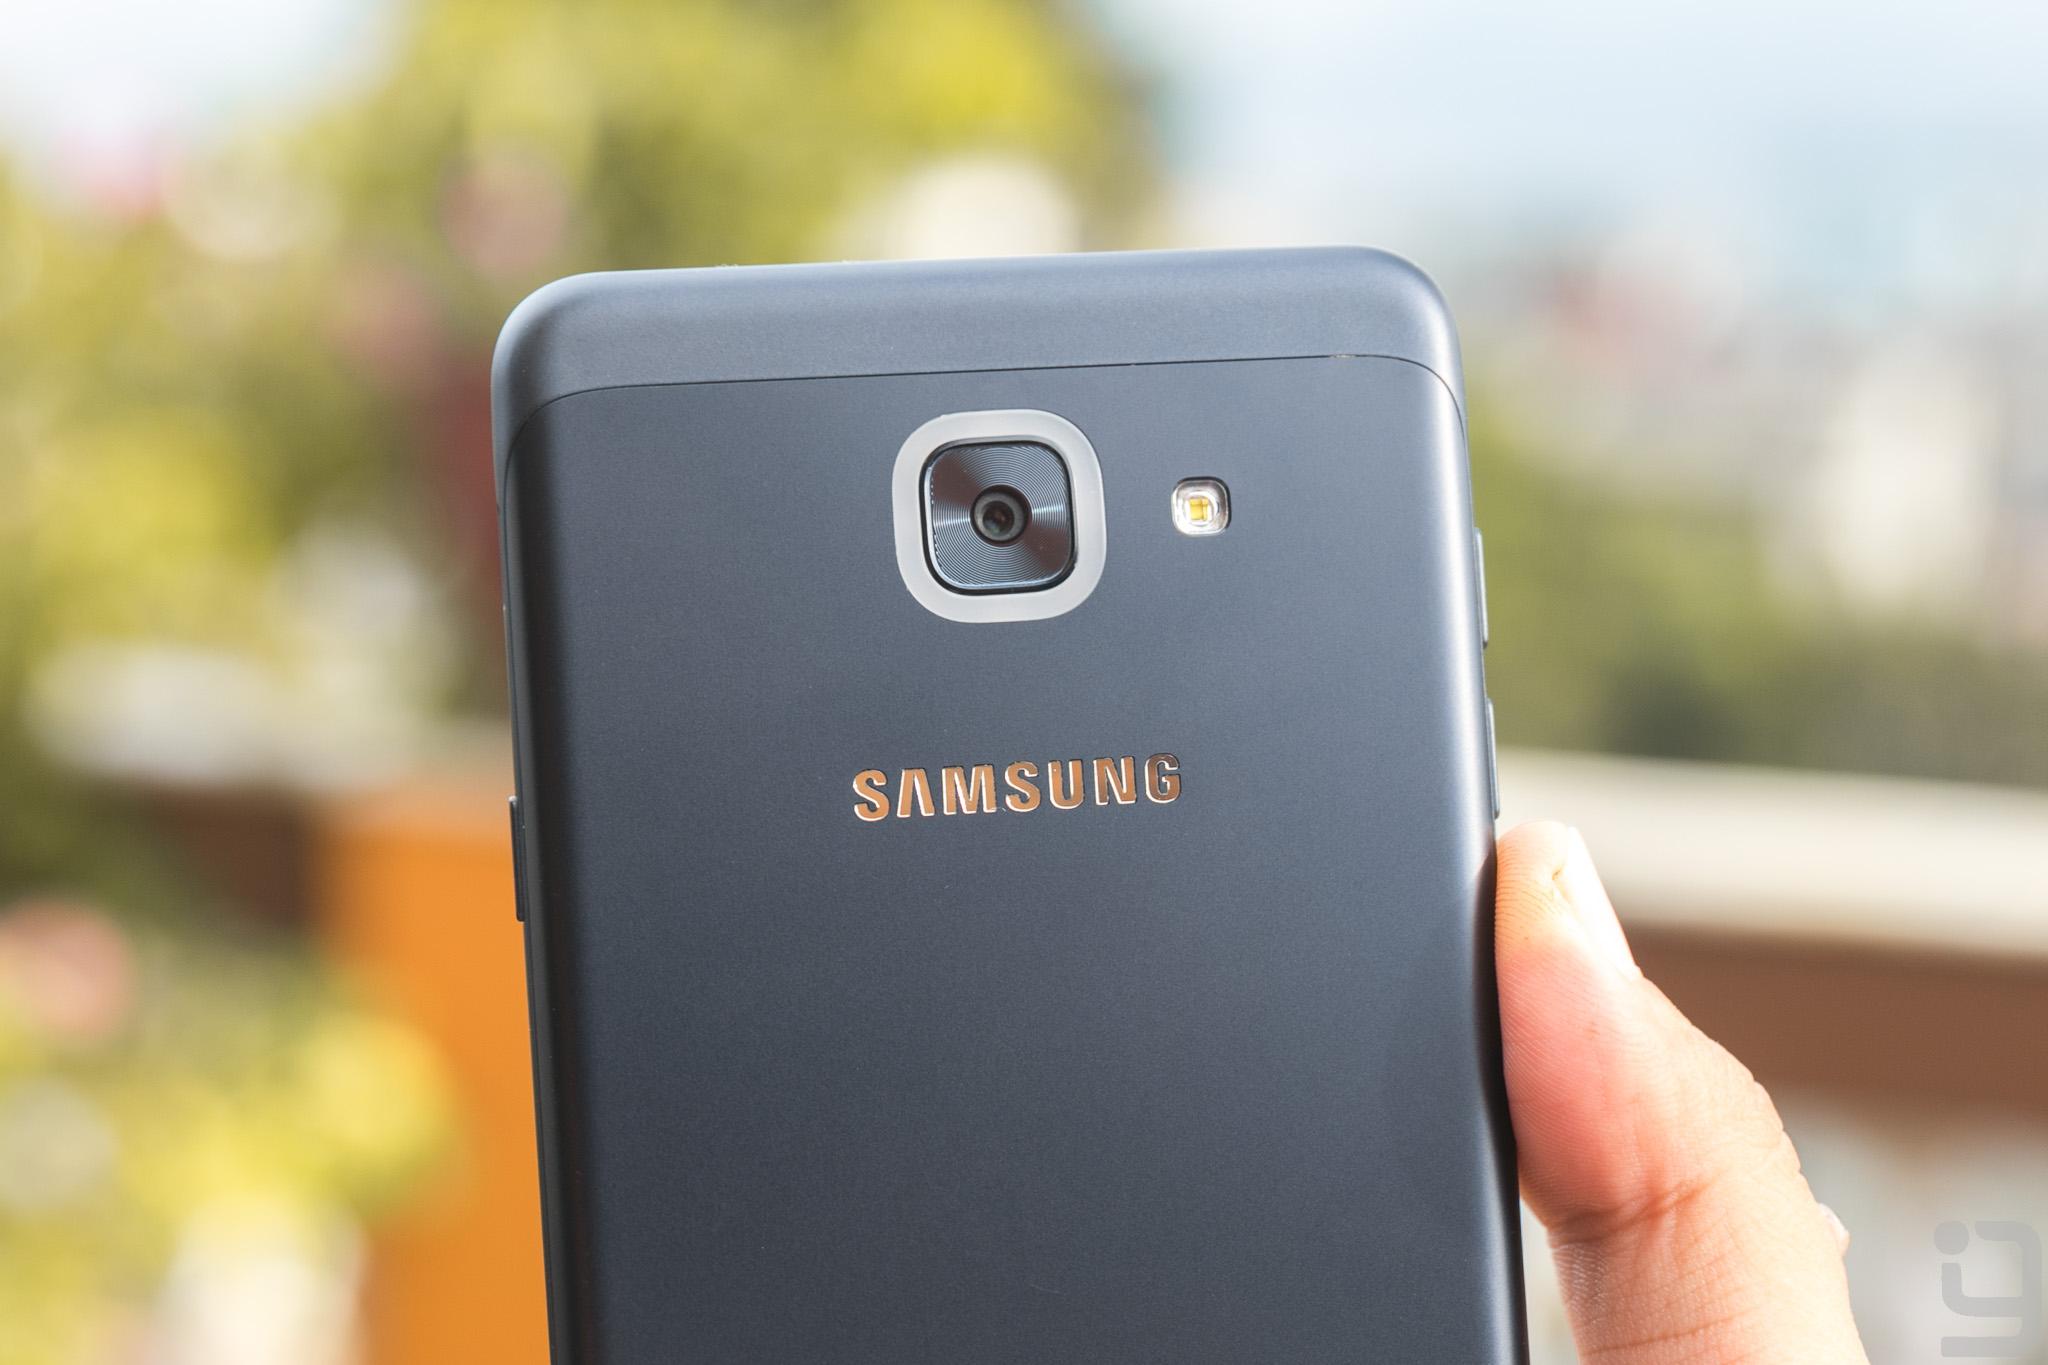 Samsung Galaxy J7 Max Camera review